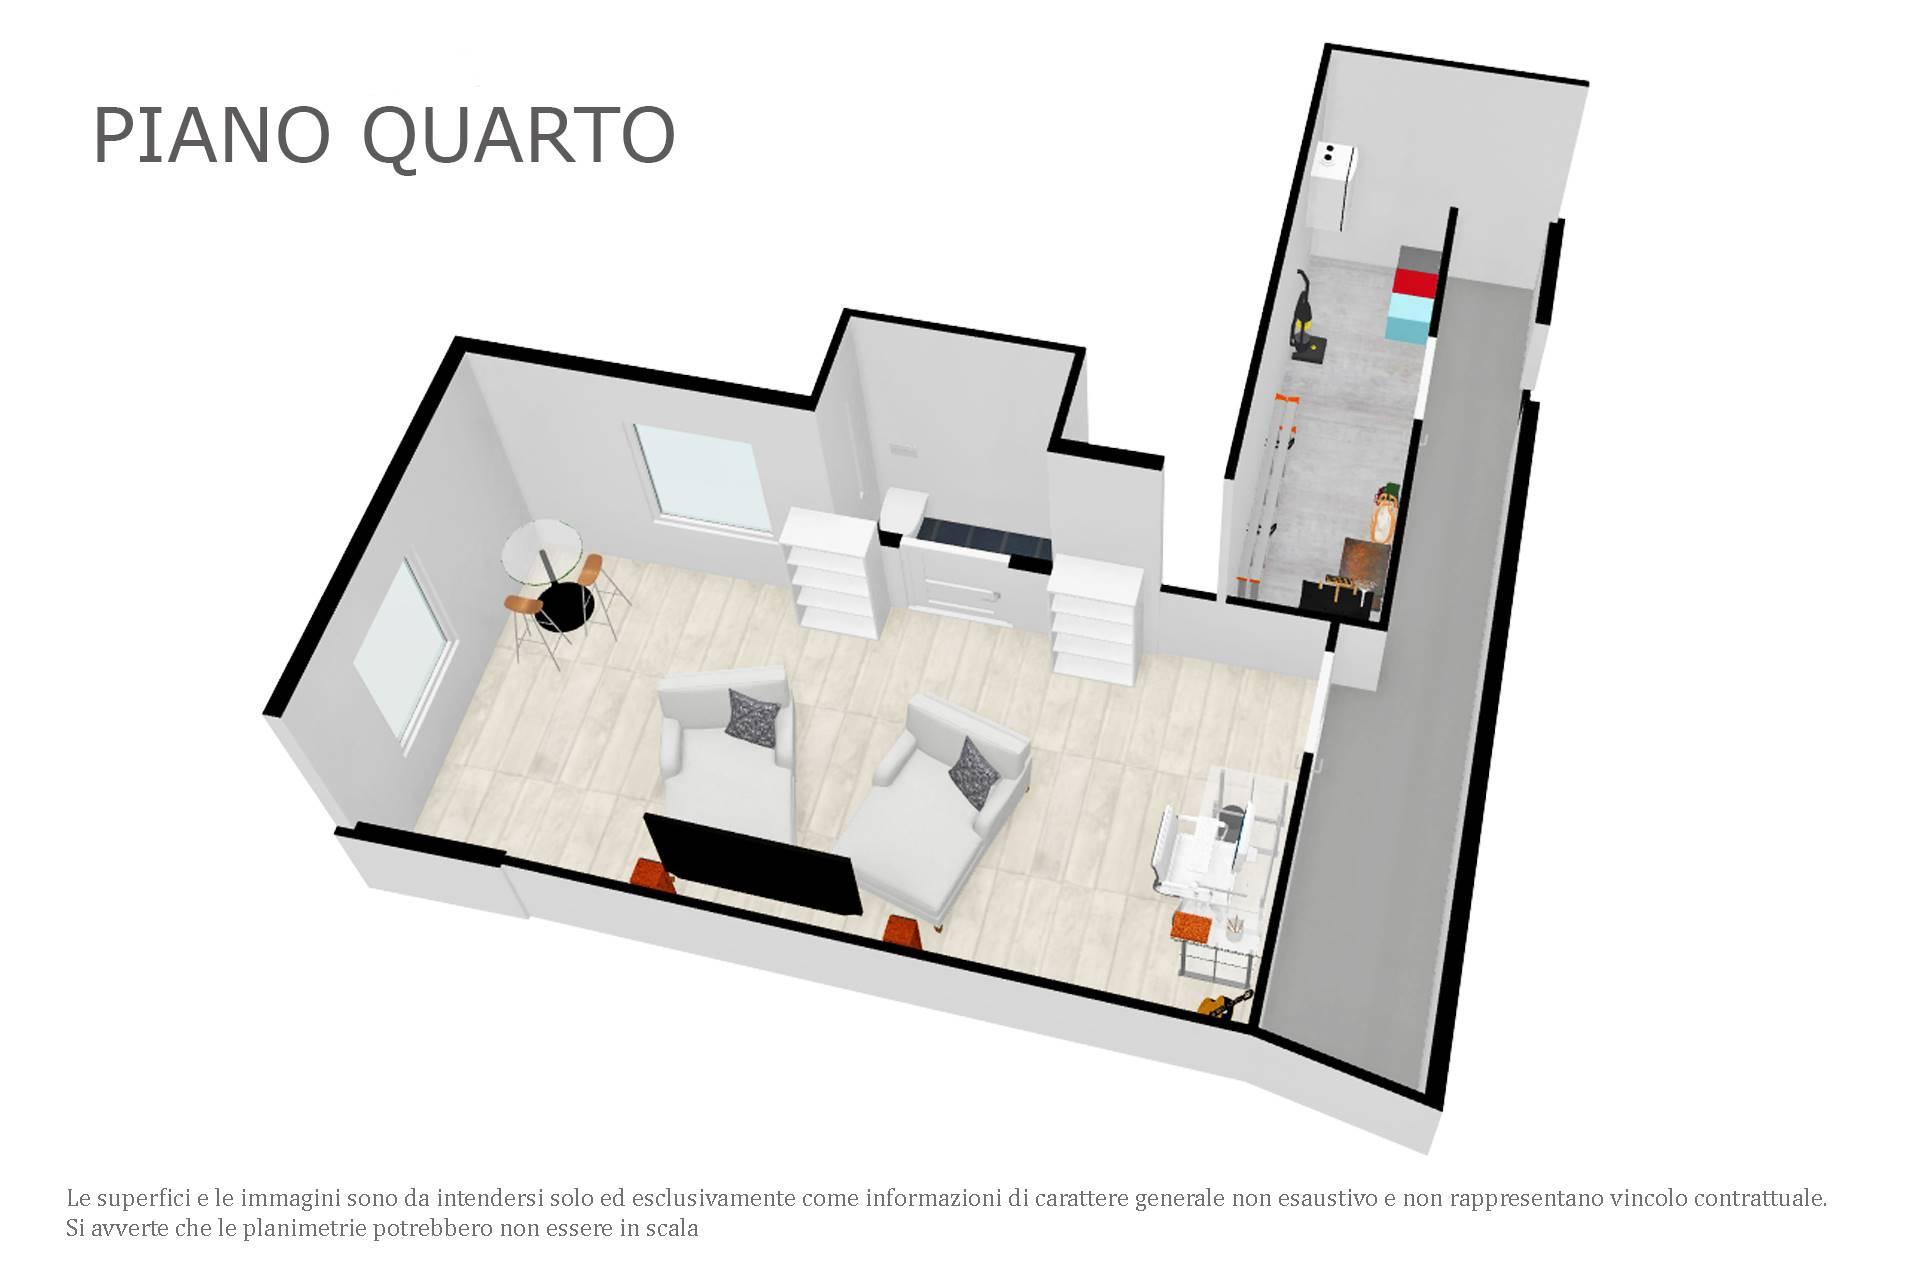 Planimetria 3D piano quarto